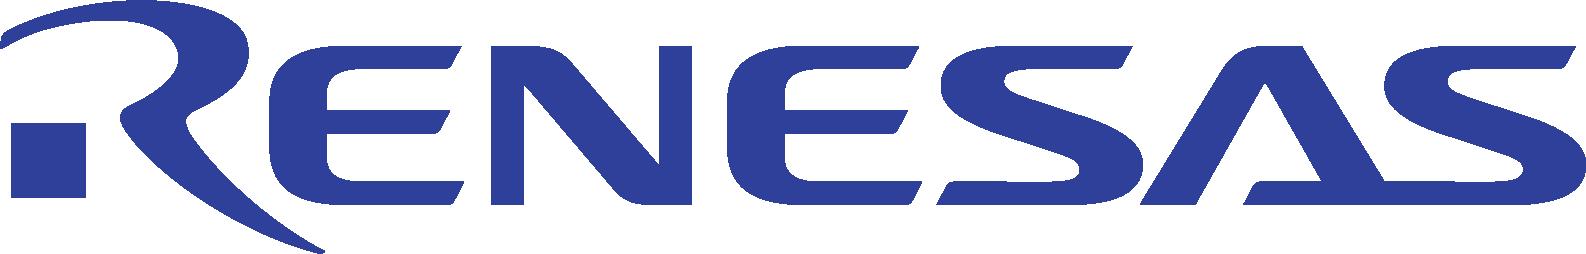 Renesas Electronics Logo png